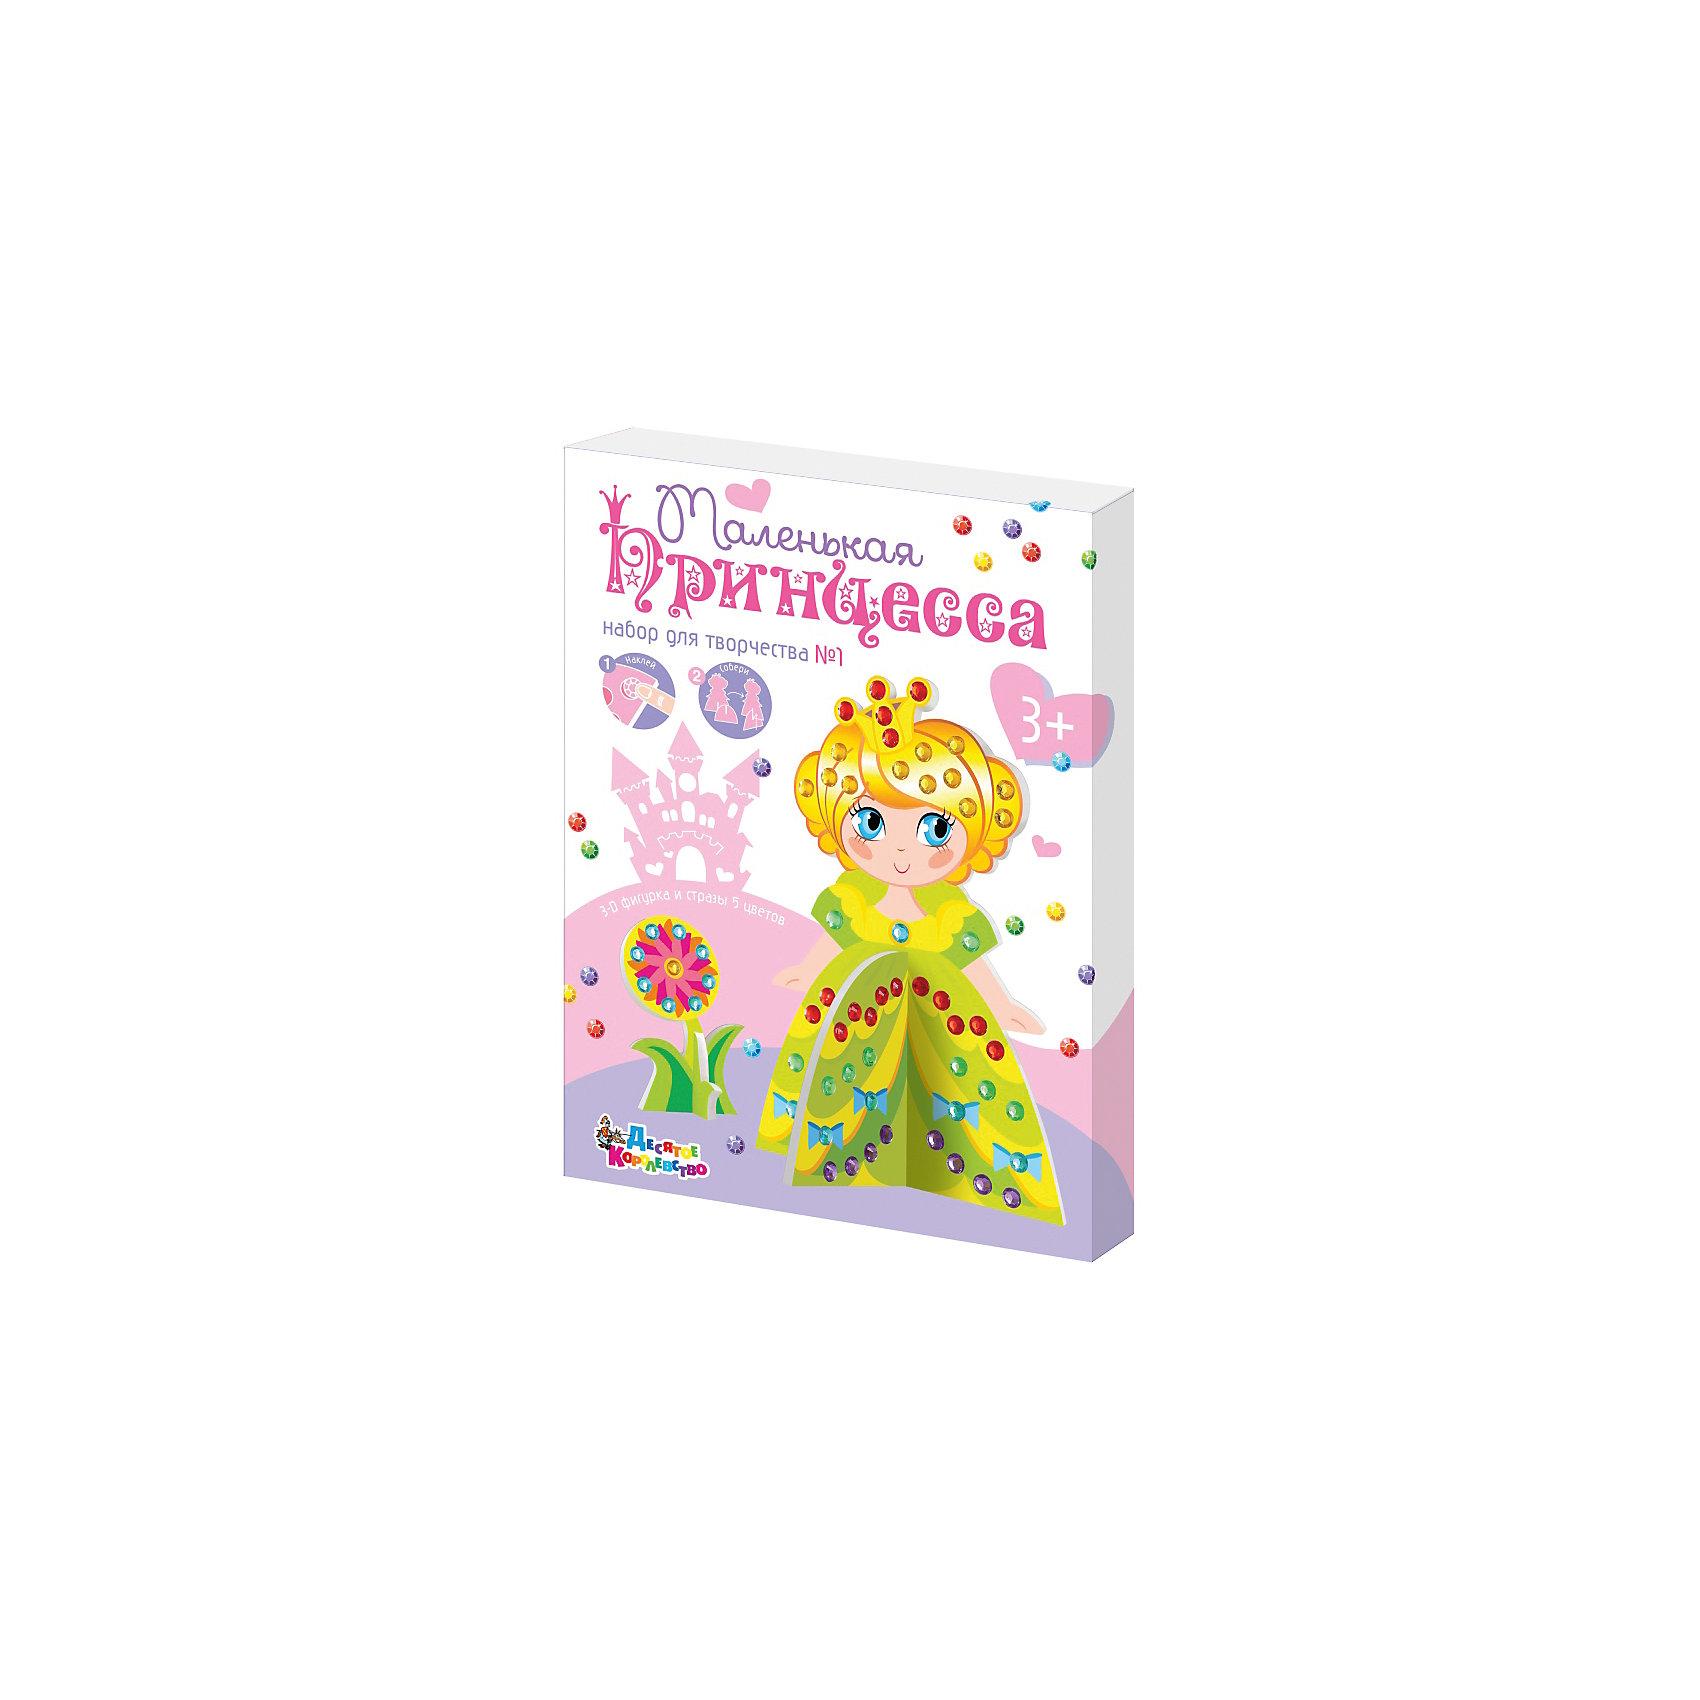 Набор для творчества из страз 3D Принцесса, Десятое королевствоМозаика<br>Набор для творчества из страз 3D Принцесса, Десятое королевство<br><br>Характеристики:<br><br>• Возраст: от 7 лет<br>• В комплекте: заготовка из вспененного полимерного материала с изображением принцессы и цветка, стразы<br>• Количество цетов: 5<br>• Размер готовой картинки: 11х11х15см<br><br>Этот набор даст вашему ребенку увлекательно провести время за украшением заготовки яркими цветными стразами. Для удобства - в наборе присутствуют подсказки, как лучше осуществлять приклеивание декоративных элементов. После того, как заготовки будут украшены, можно соединить 3D паззлы в одну фигуру. Работать с набором рекомендуется под присмотром взрослых. Данная игрушка развивает мелкую моторику и усидчивость ребенка.<br><br>Набор для творчества из страз 3D Принцесса, Десятое королевство можно купить в нашем интернет-магазине.<br><br>Ширина мм: 170<br>Глубина мм: 230<br>Высота мм: 25<br>Вес г: 106<br>Возраст от месяцев: 84<br>Возраст до месяцев: 2147483647<br>Пол: Женский<br>Возраст: Детский<br>SKU: 5471668